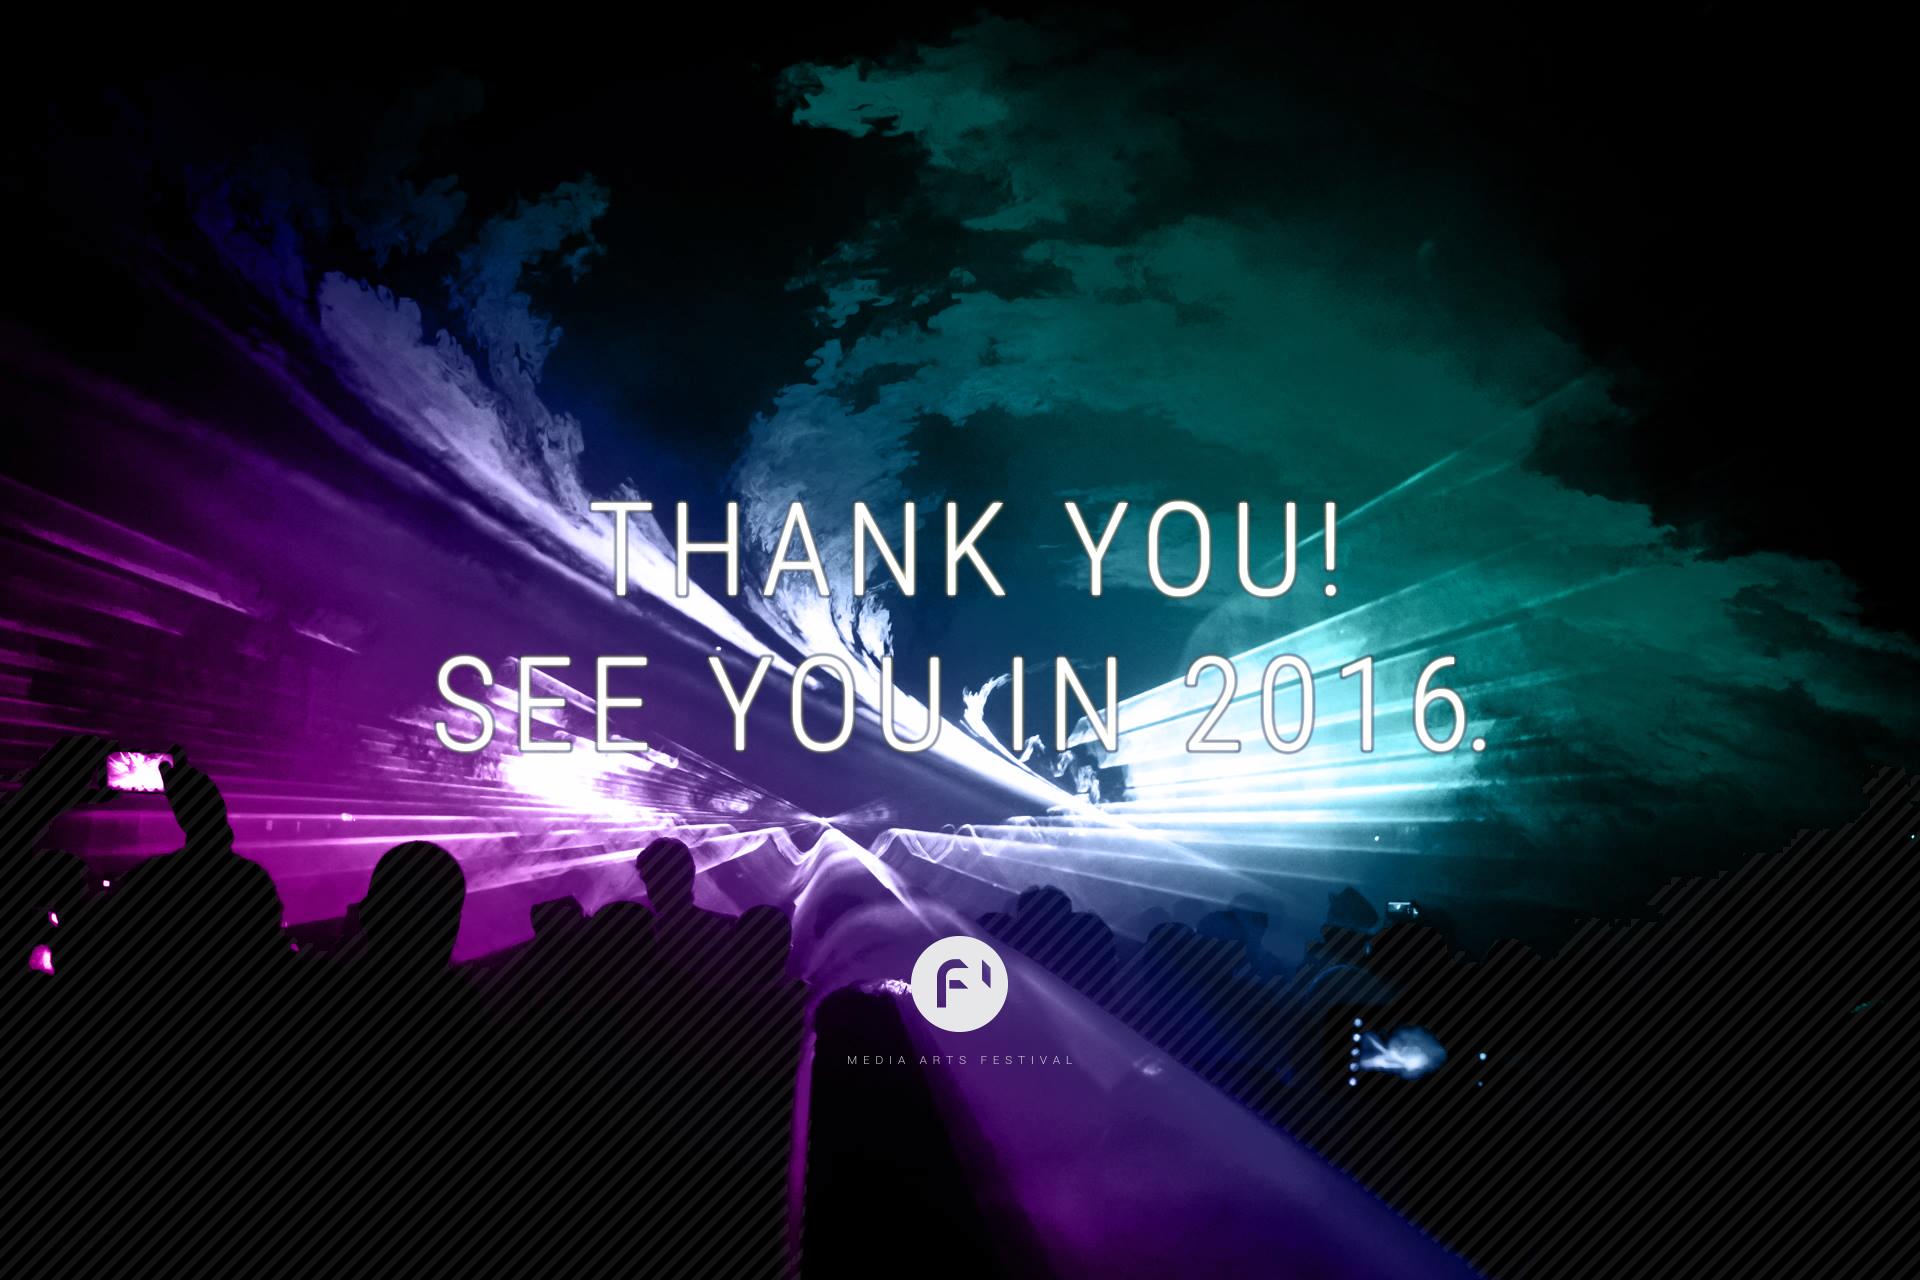 THANK_U_SEE_U_IN_2016!